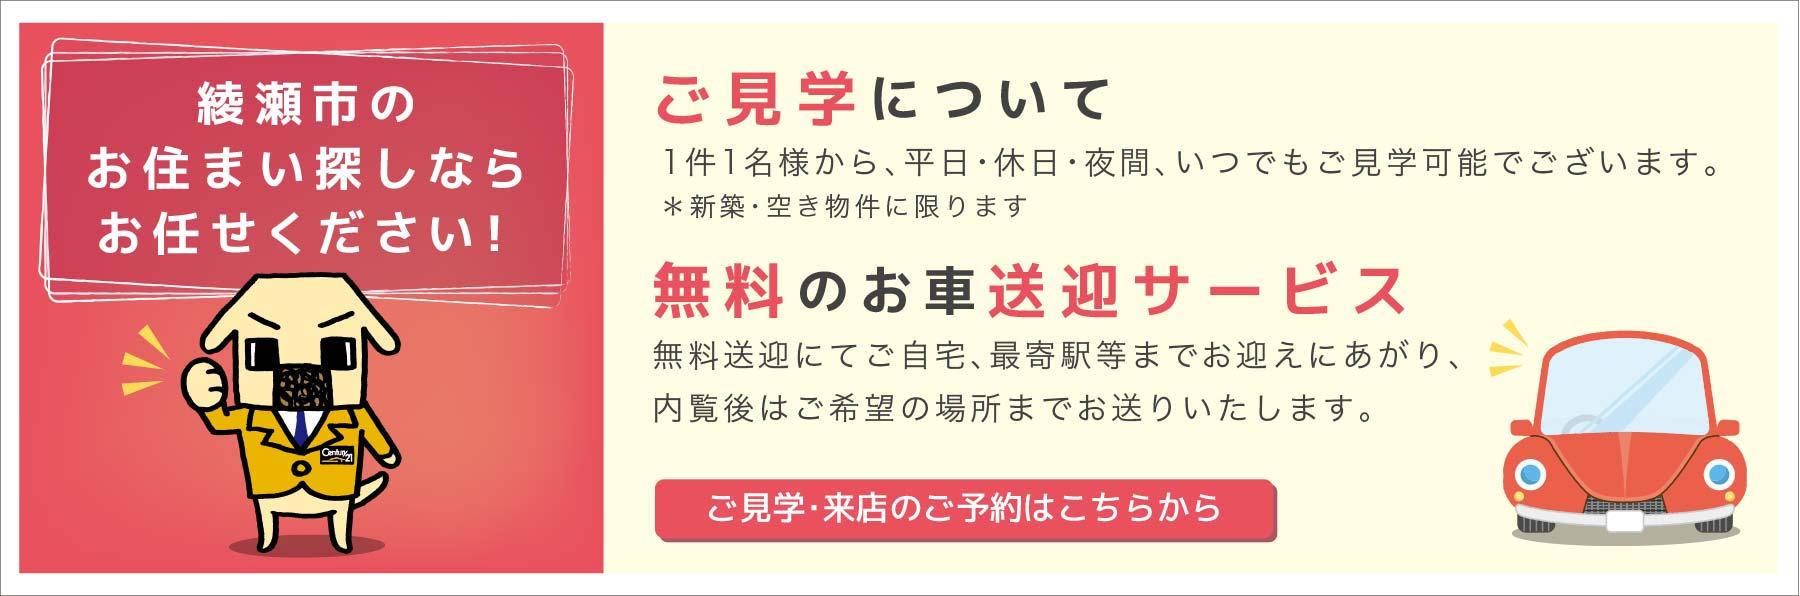 綾瀬市のお住まい探しならお任せください! 無料のお車送迎サービス行っております。